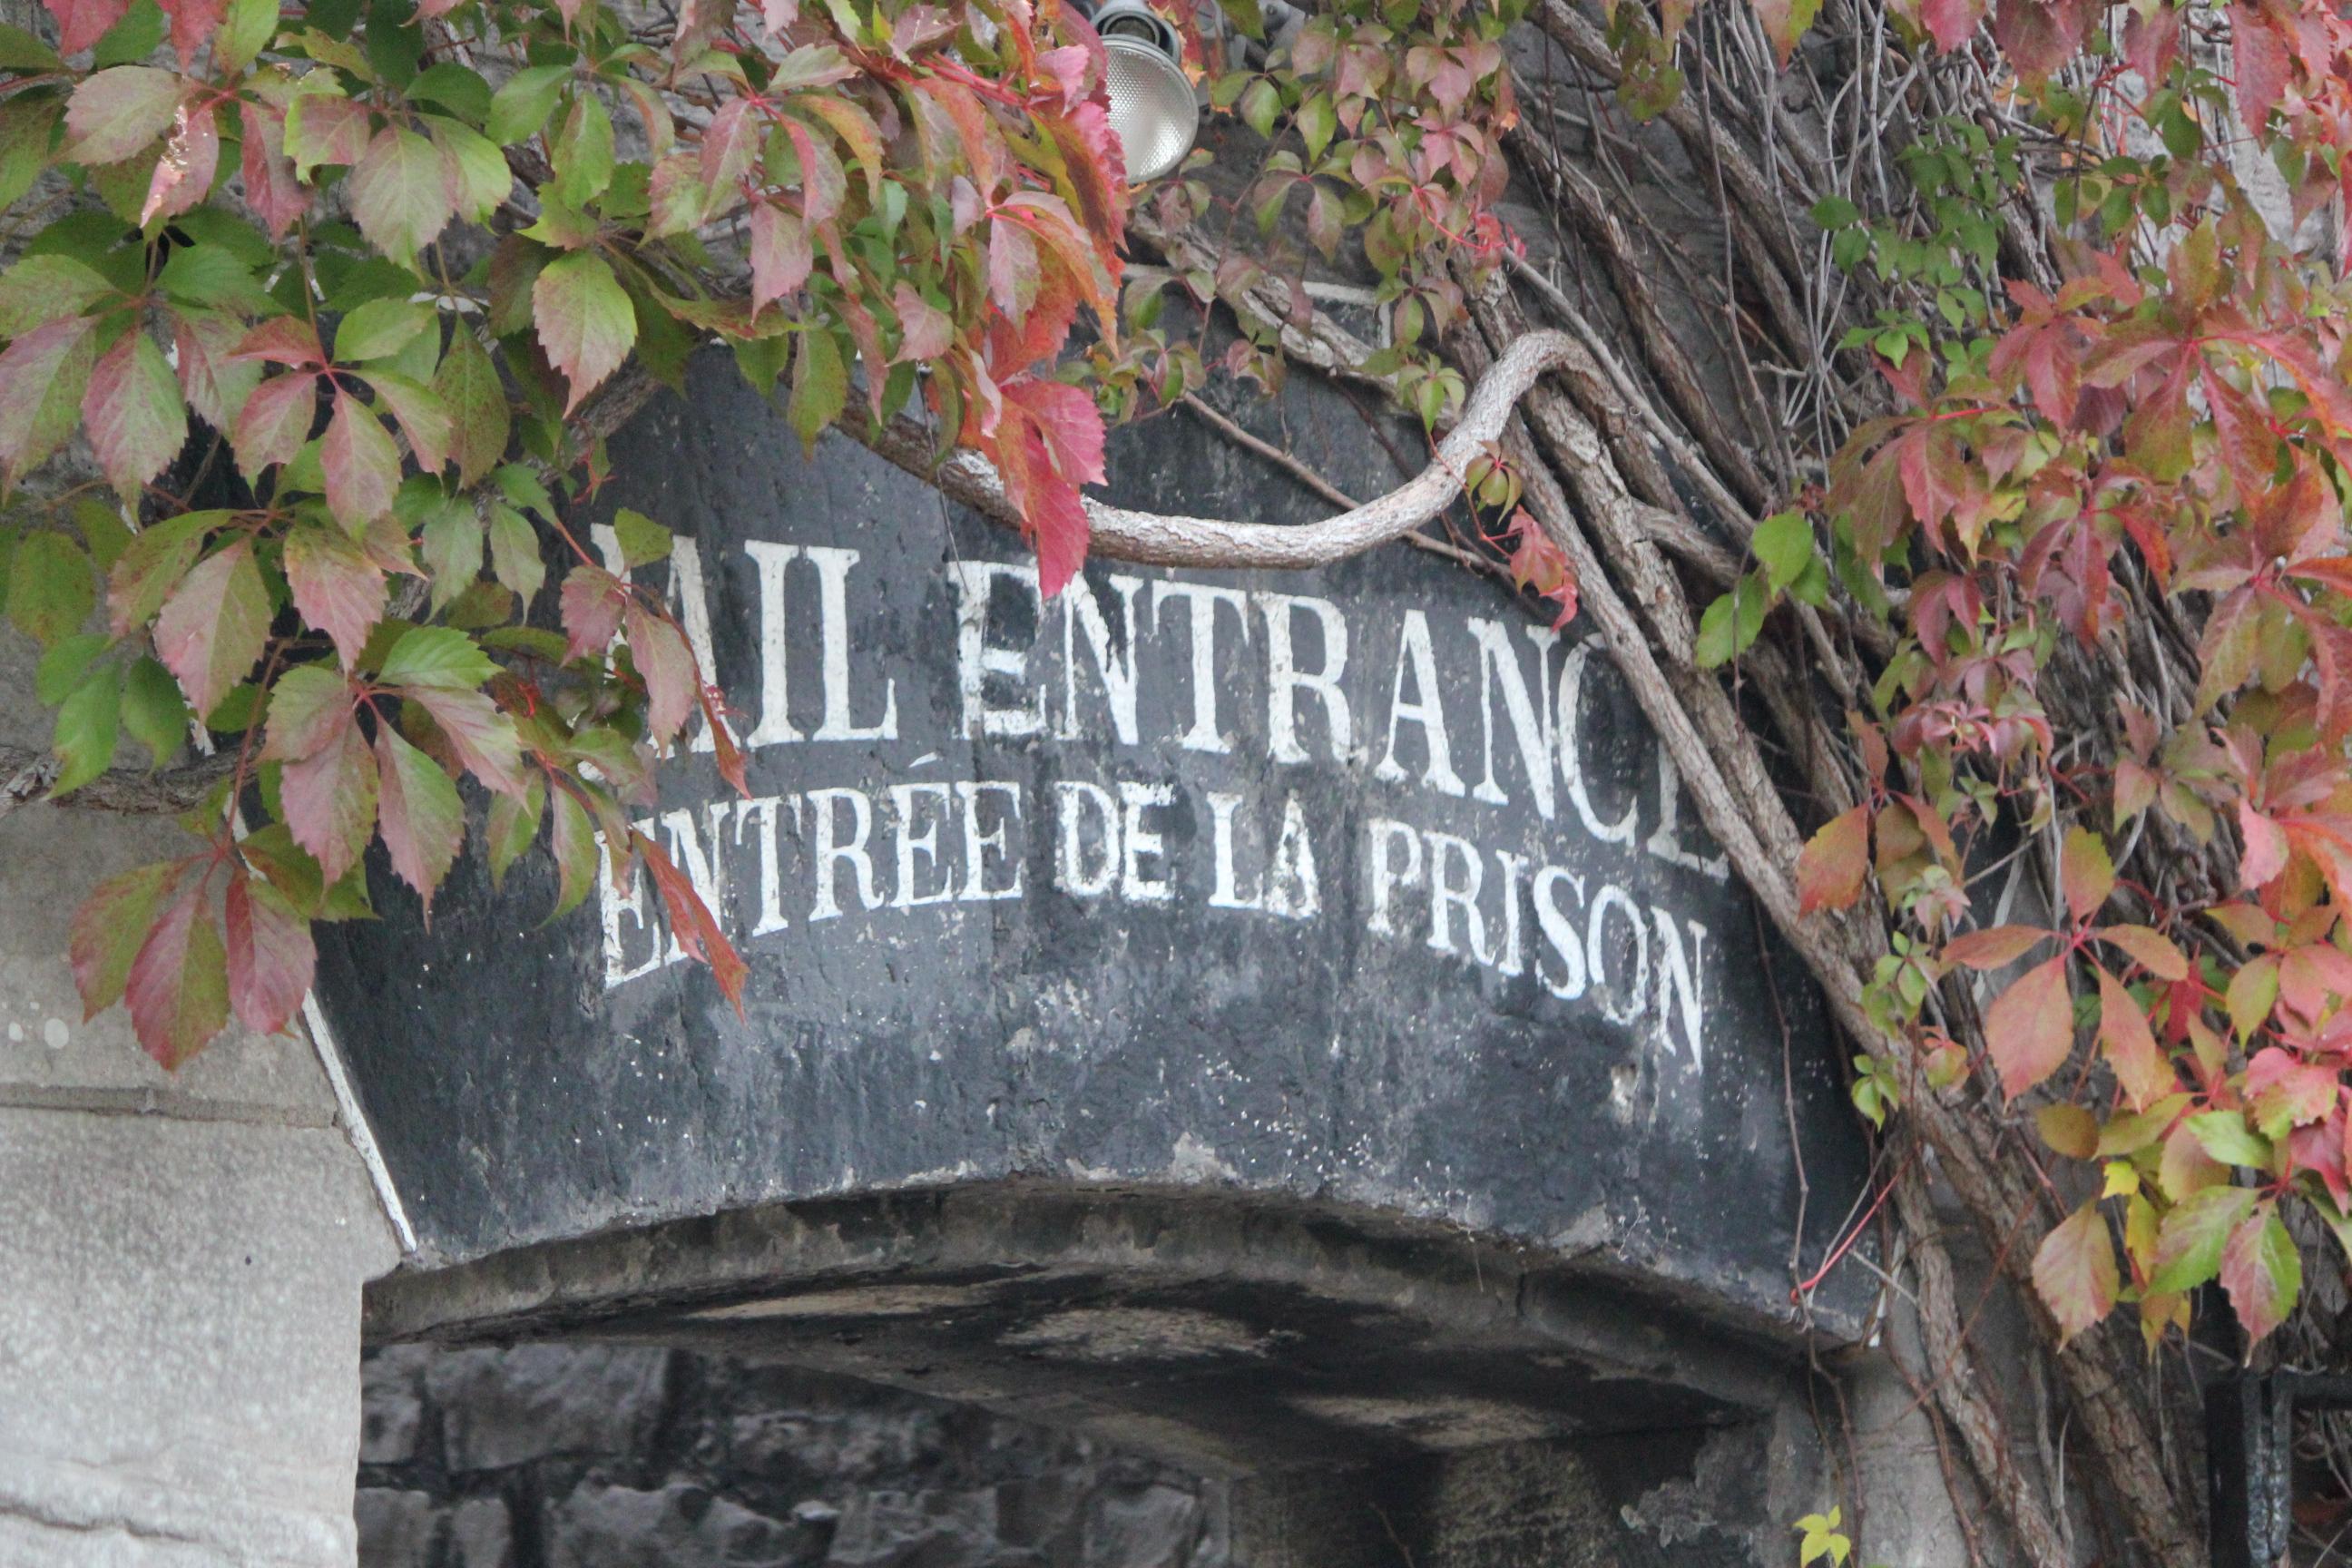 Entrance to Prison; Ottawa, Canada; 2011